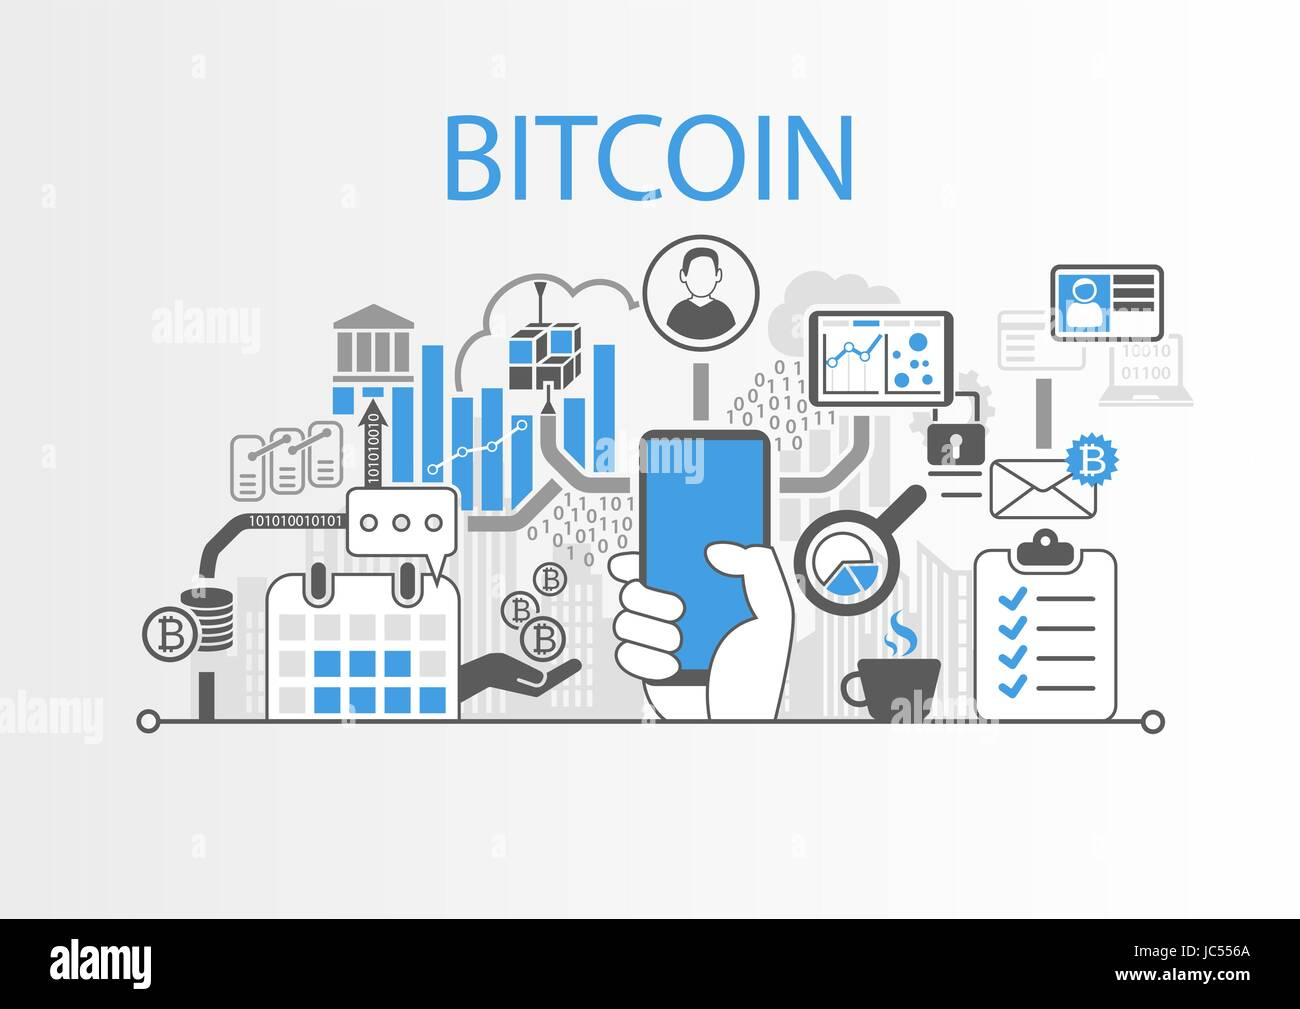 Ilustración de fondo vector Bitcoin con mano sujetando el smartphone y los iconos Imagen De Stock